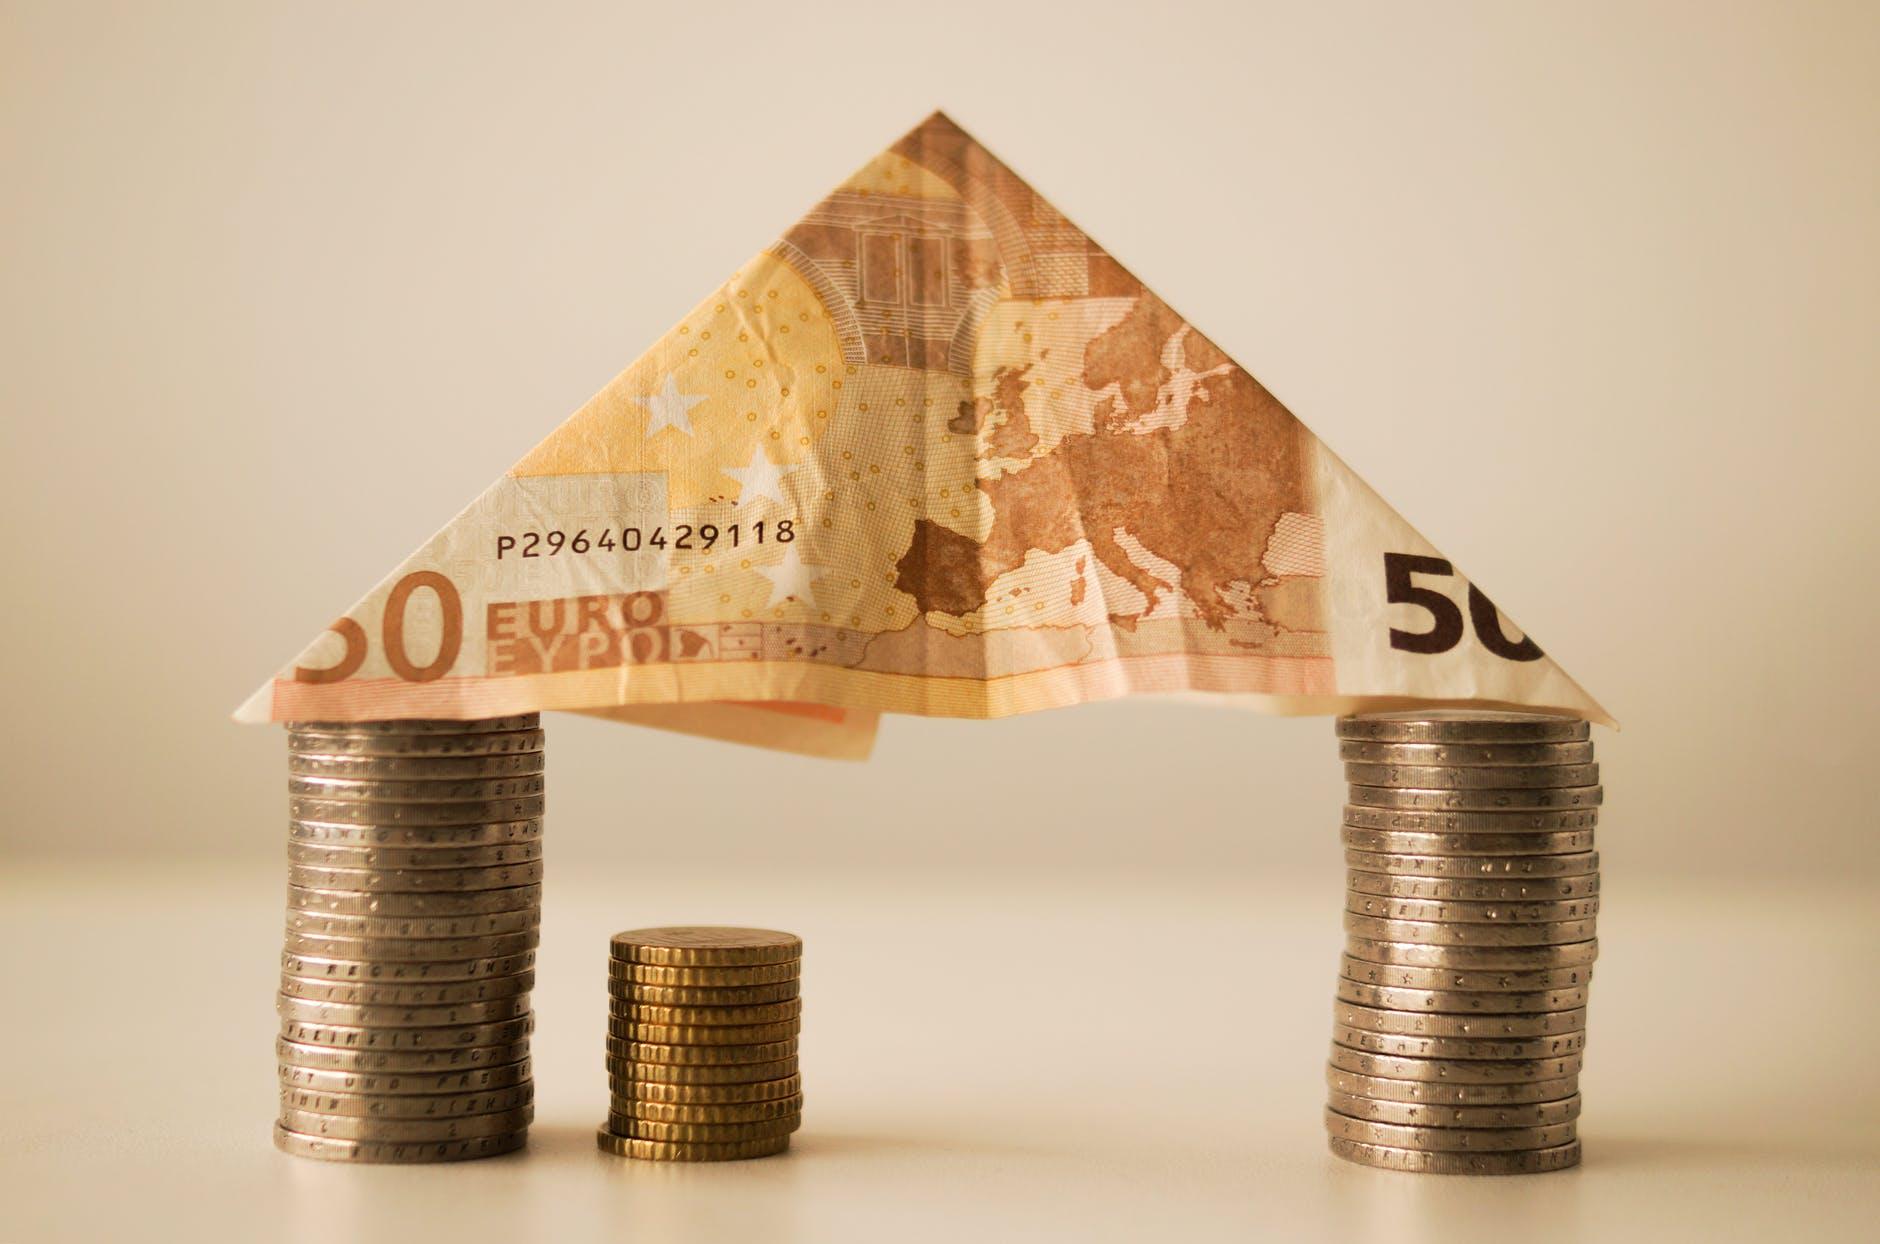 Frischzellenkur für Euro-Banknoten